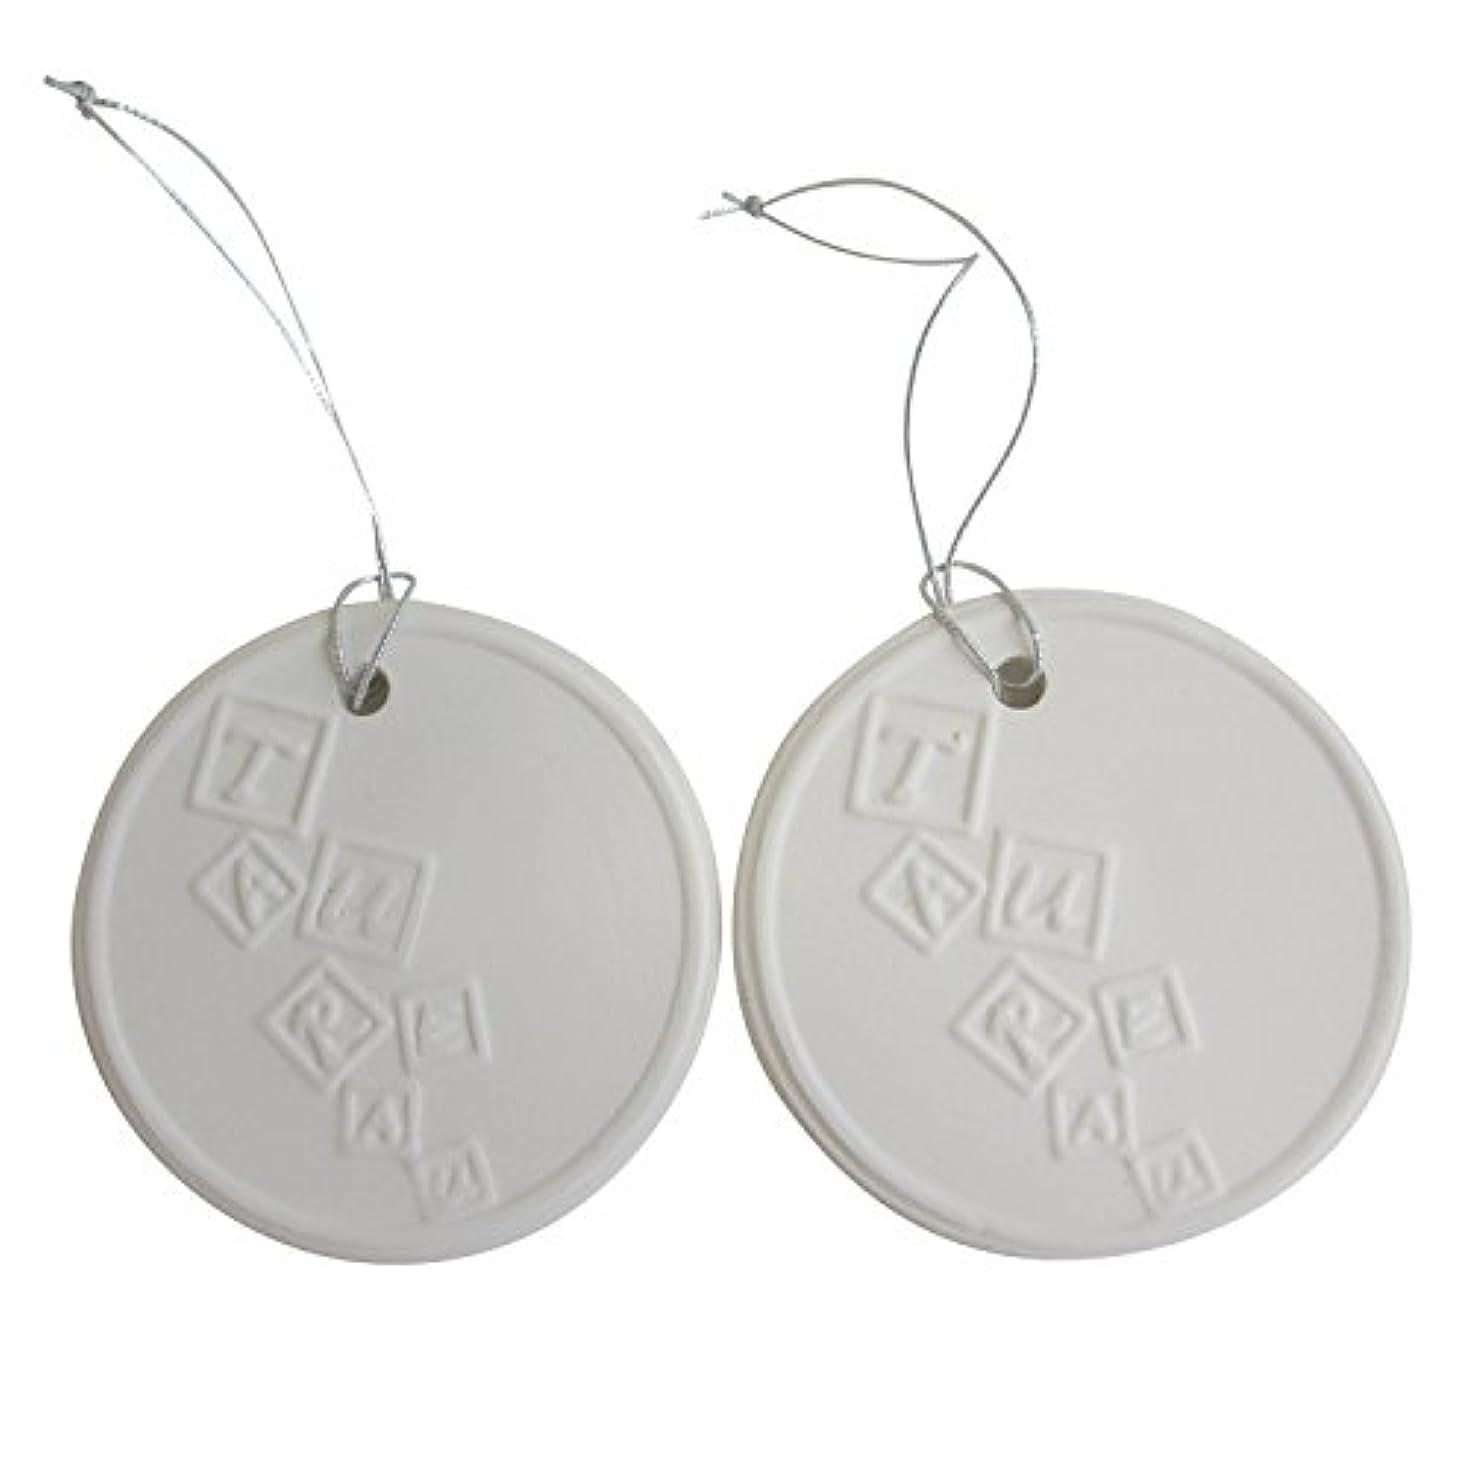 物理的なモールス信号争いアロマストーン ホワイトコイン 2セット(ロゴ2) アクセサリー 小物 キーホルダー アロマディフューザー ペンダント 陶器製